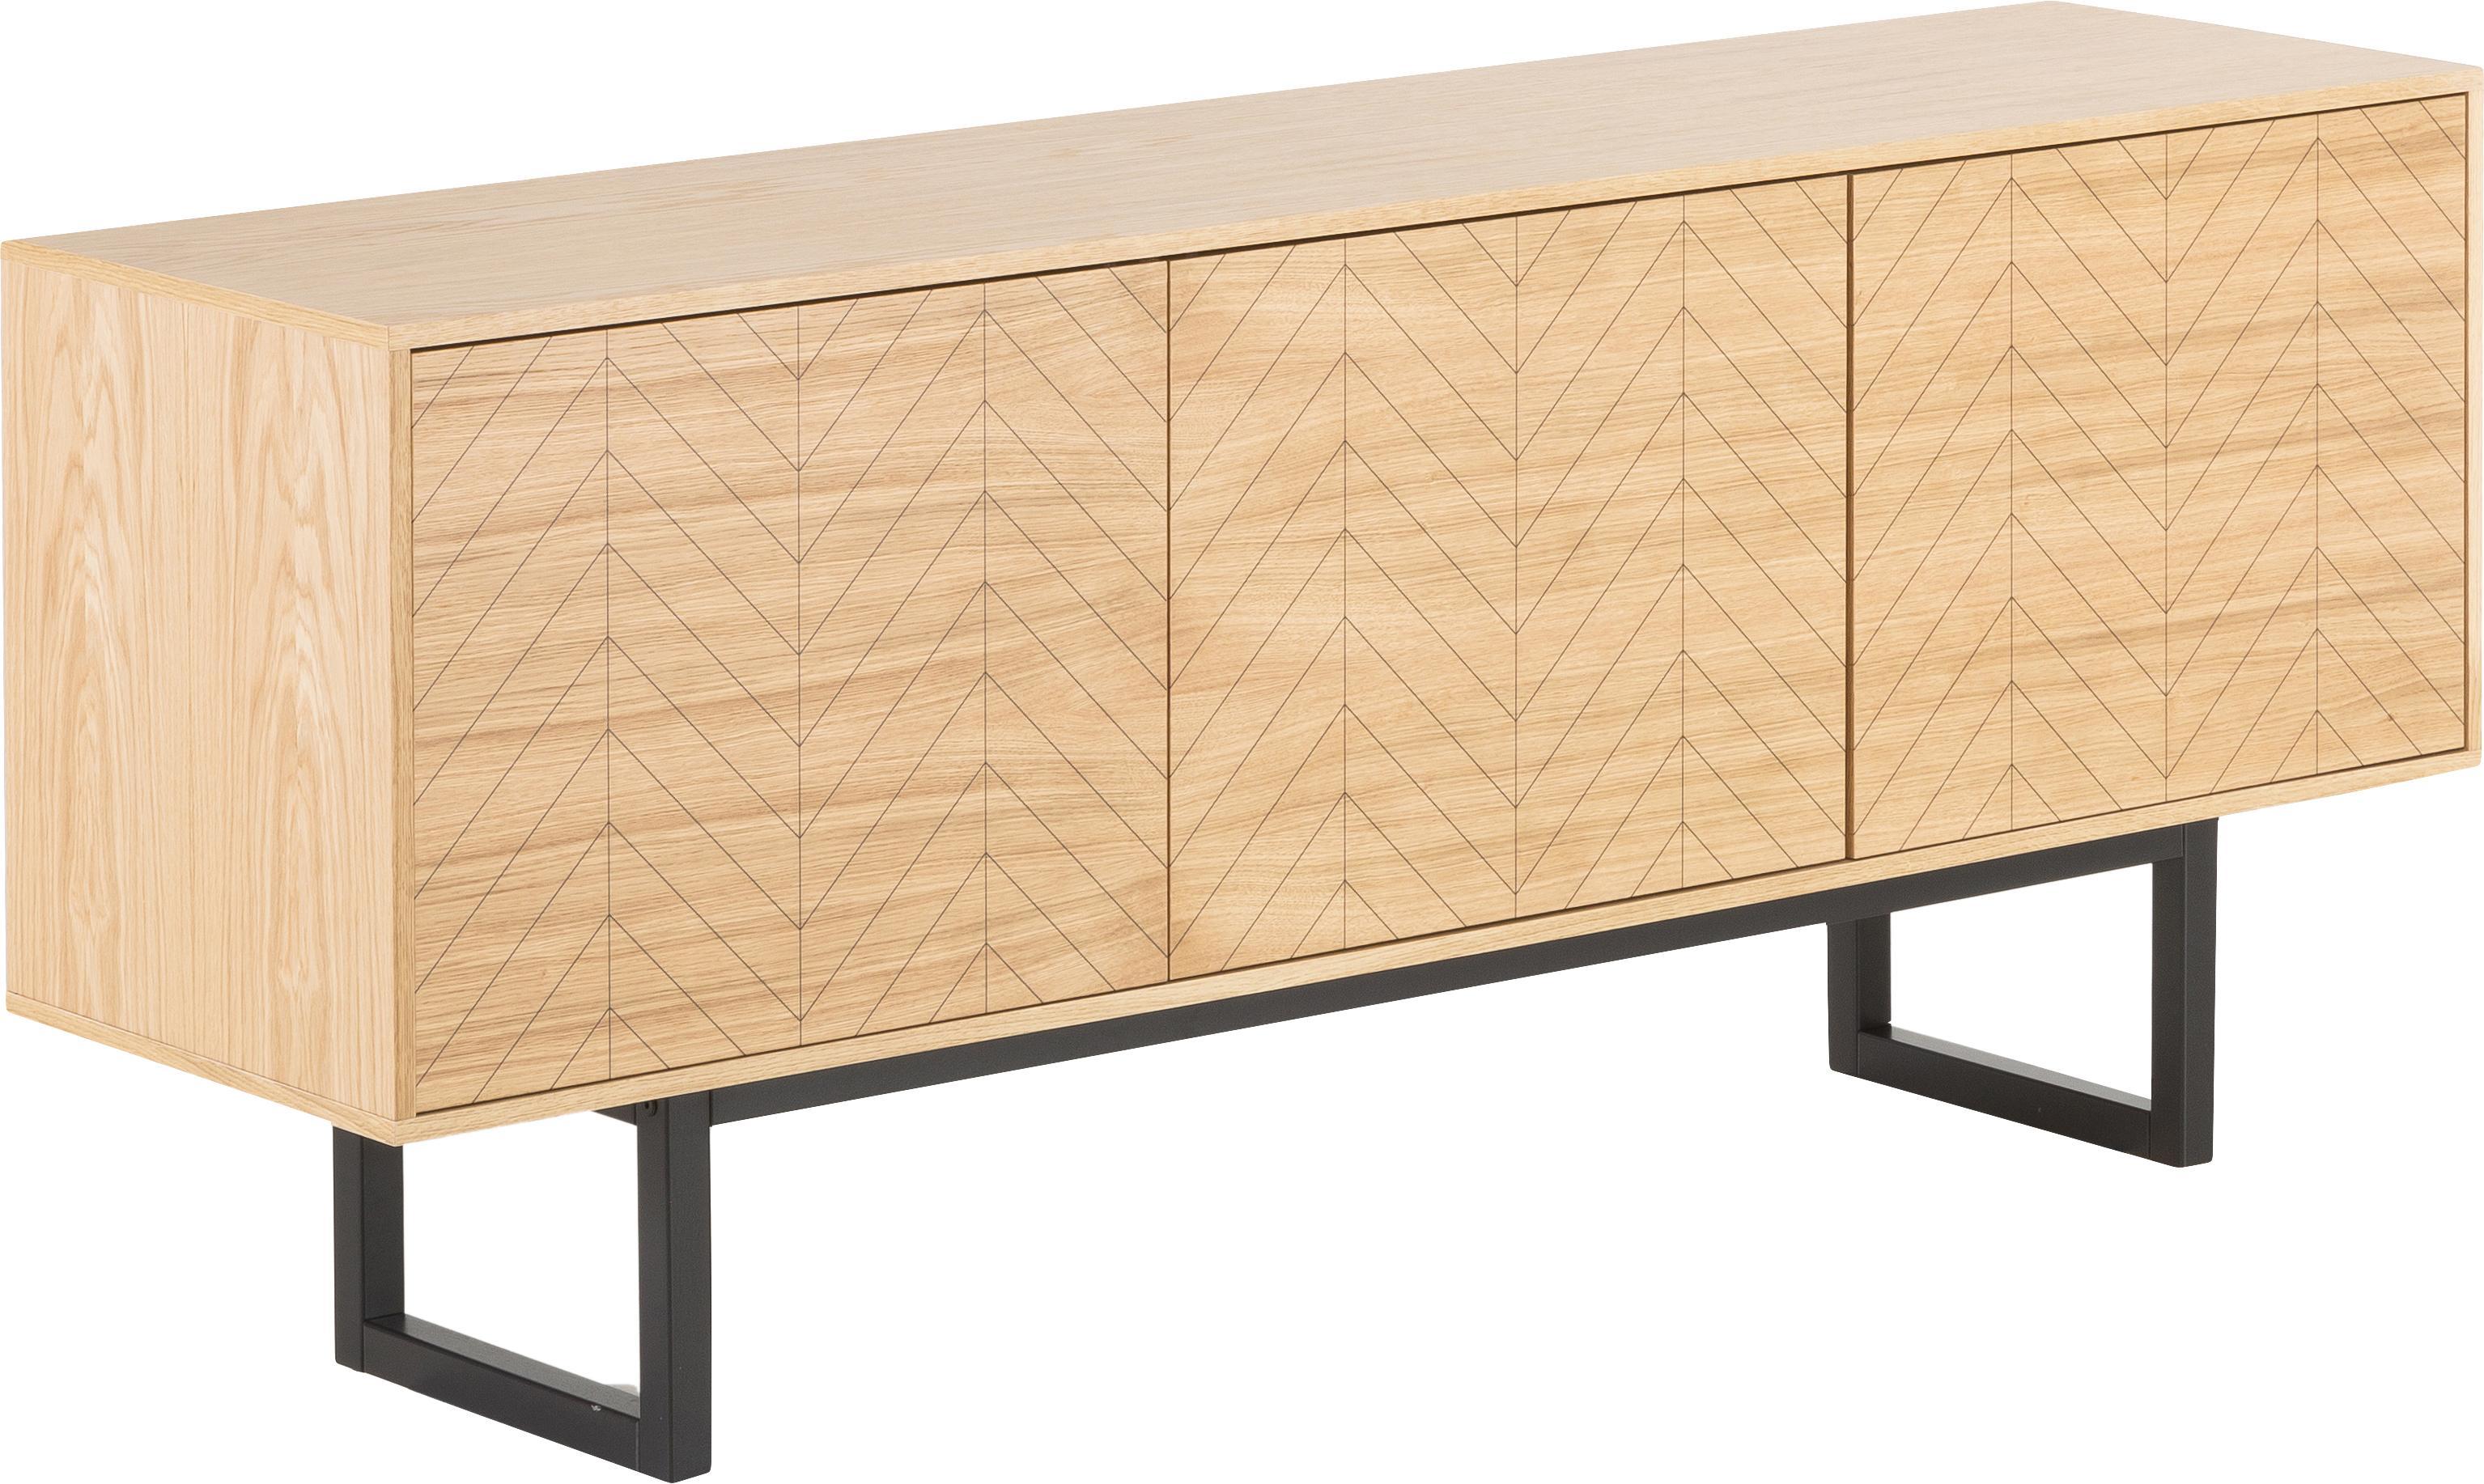 Design-Sideboard Camden mit Eichenholzfurnier, Korpus: Mitteldichte Holzfaserpla, Füße: Birkenholz, lackiert, Eichenholz, 175 x 75 cm